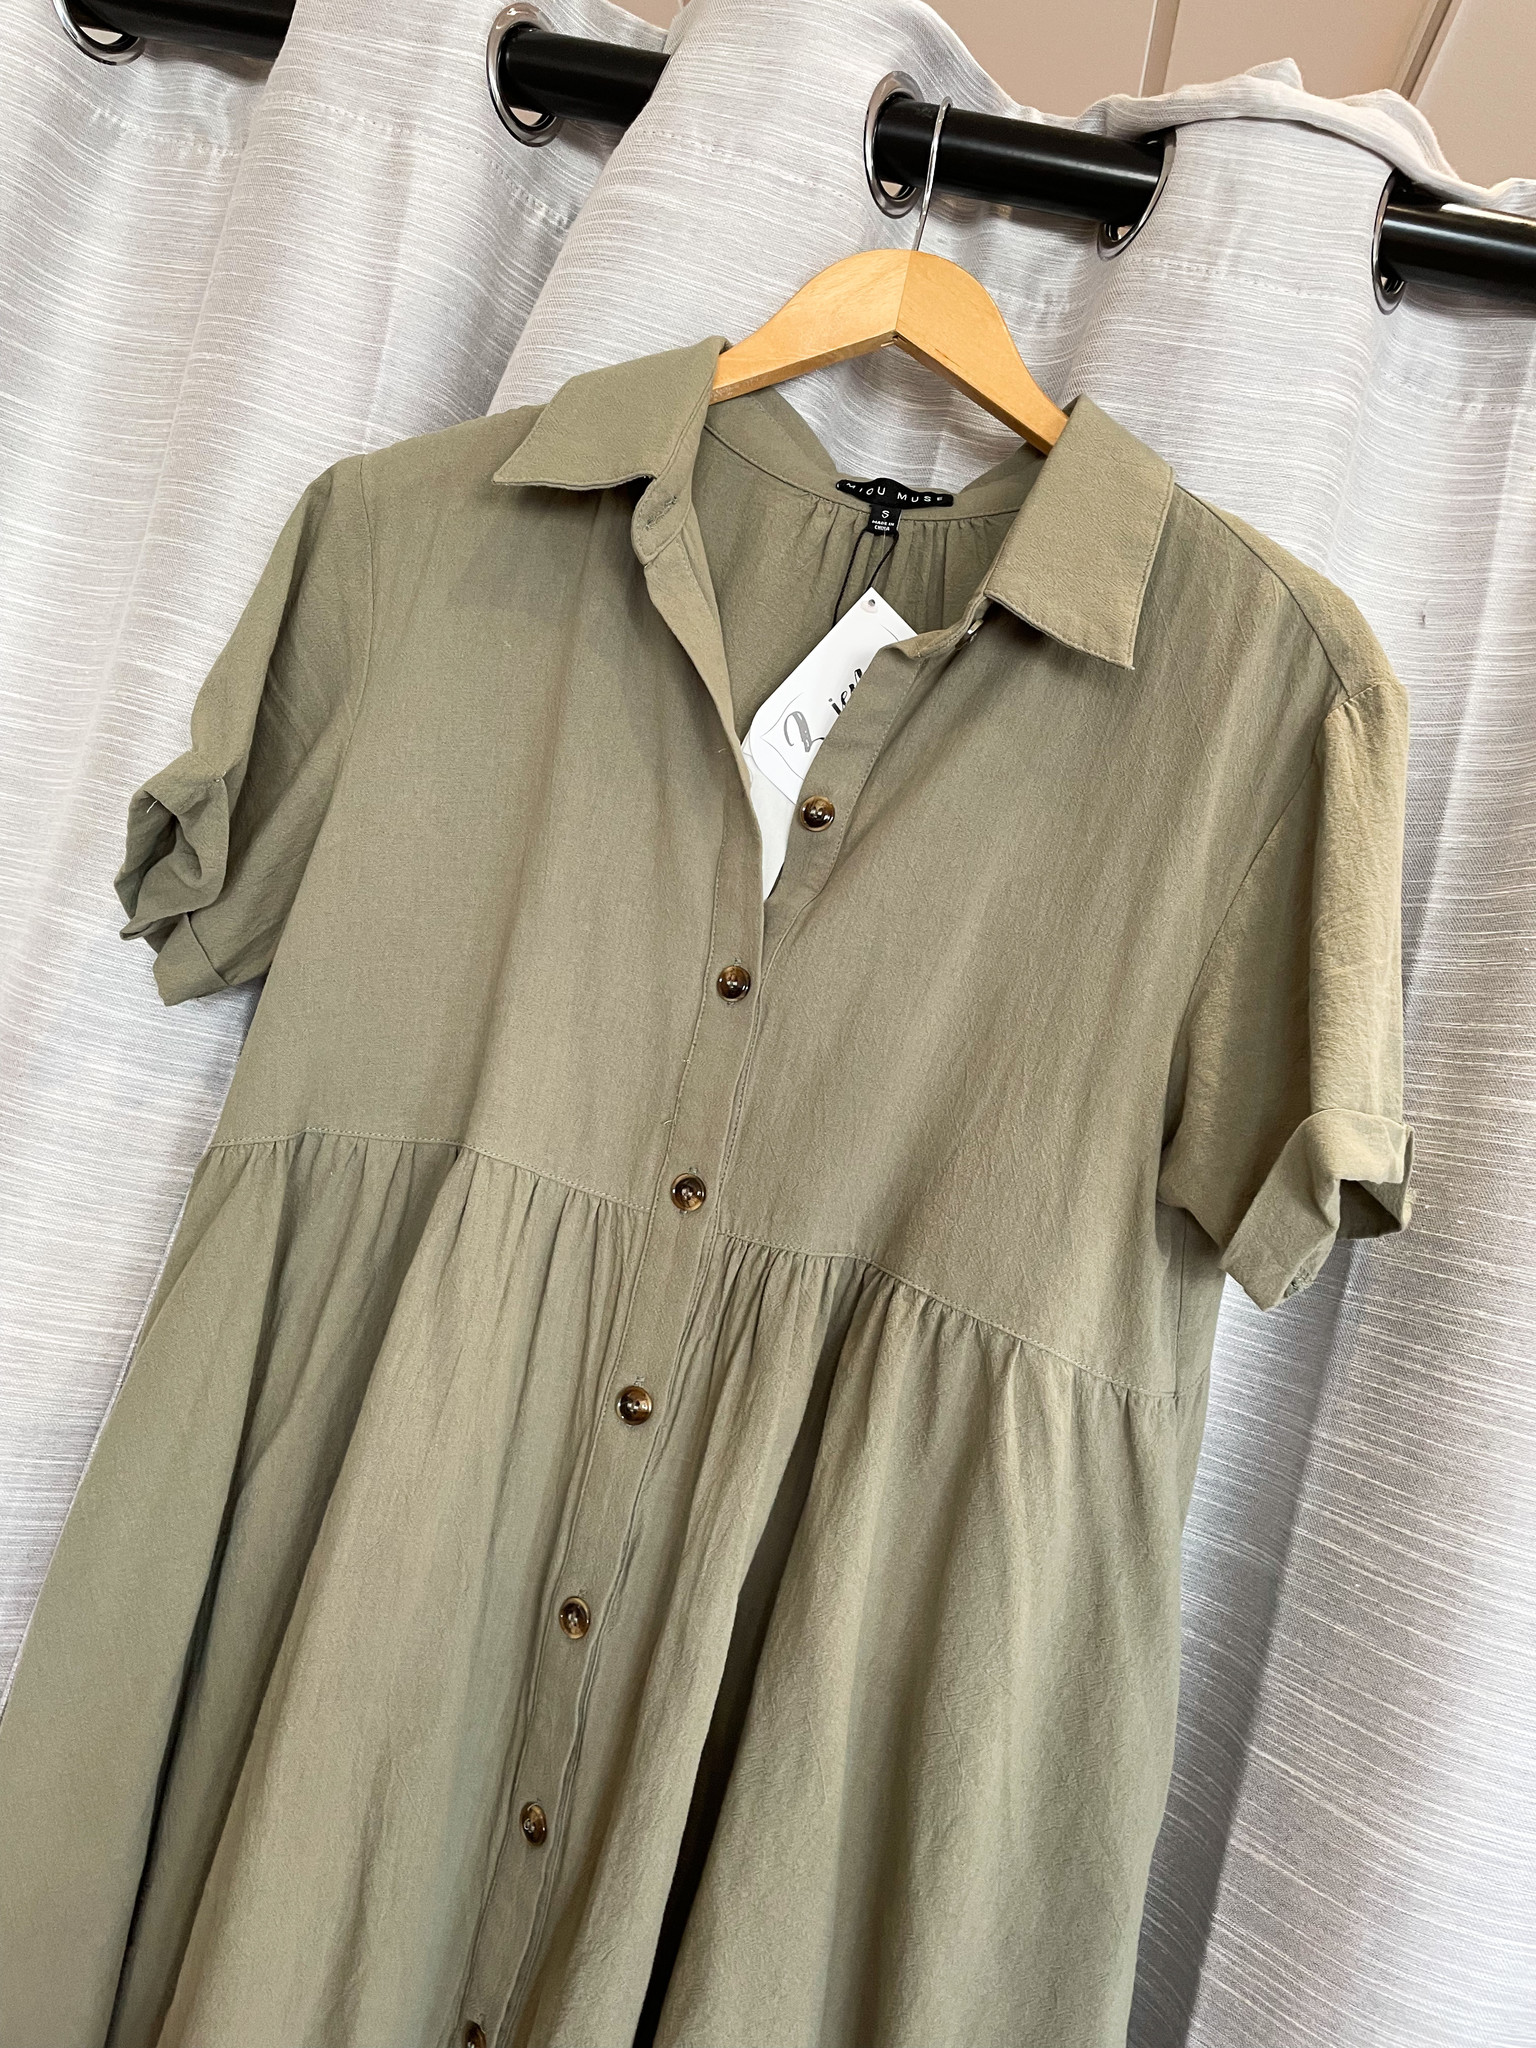 Light Olive Button Down Shirt Dress